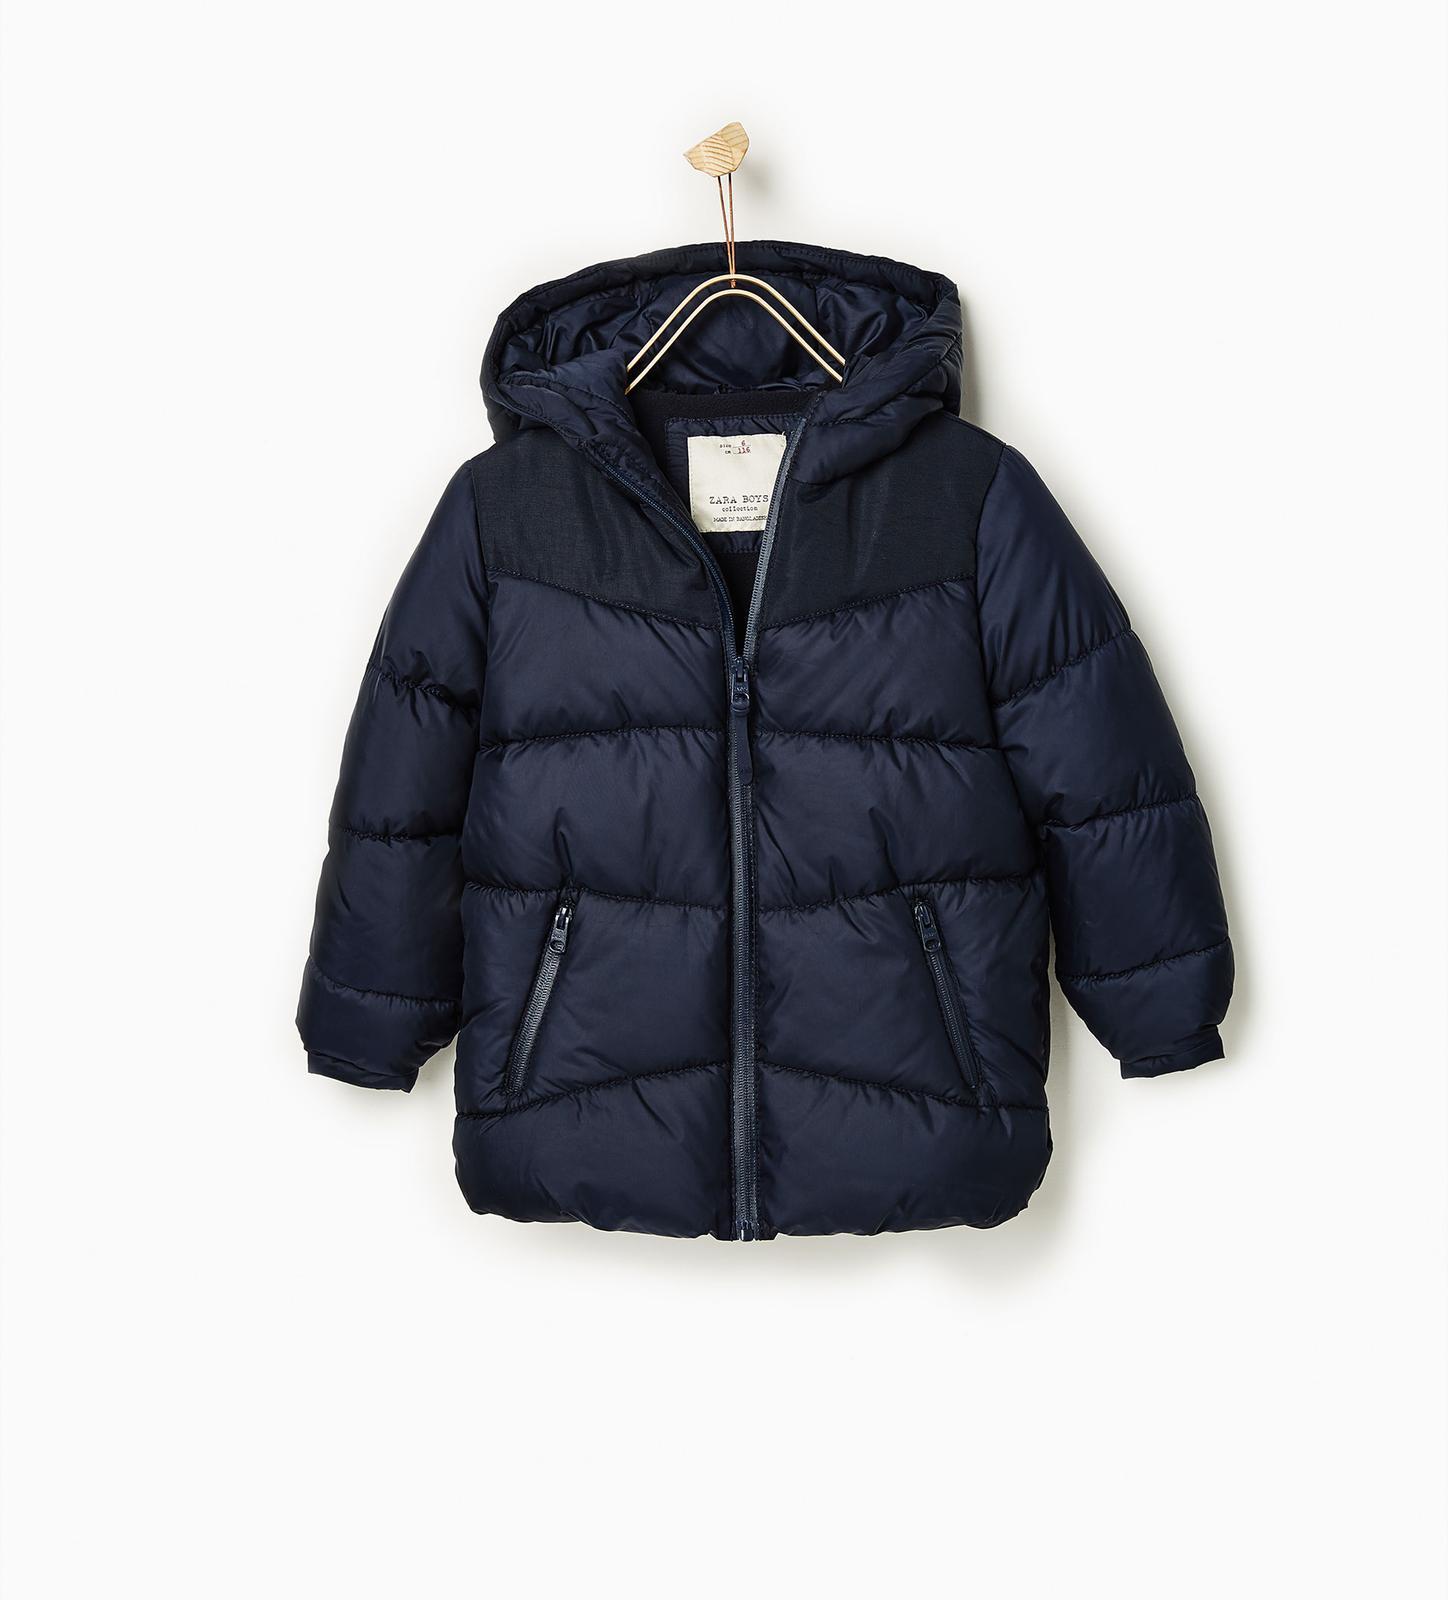 b8b241f30c Skladom-zimná bunda zara